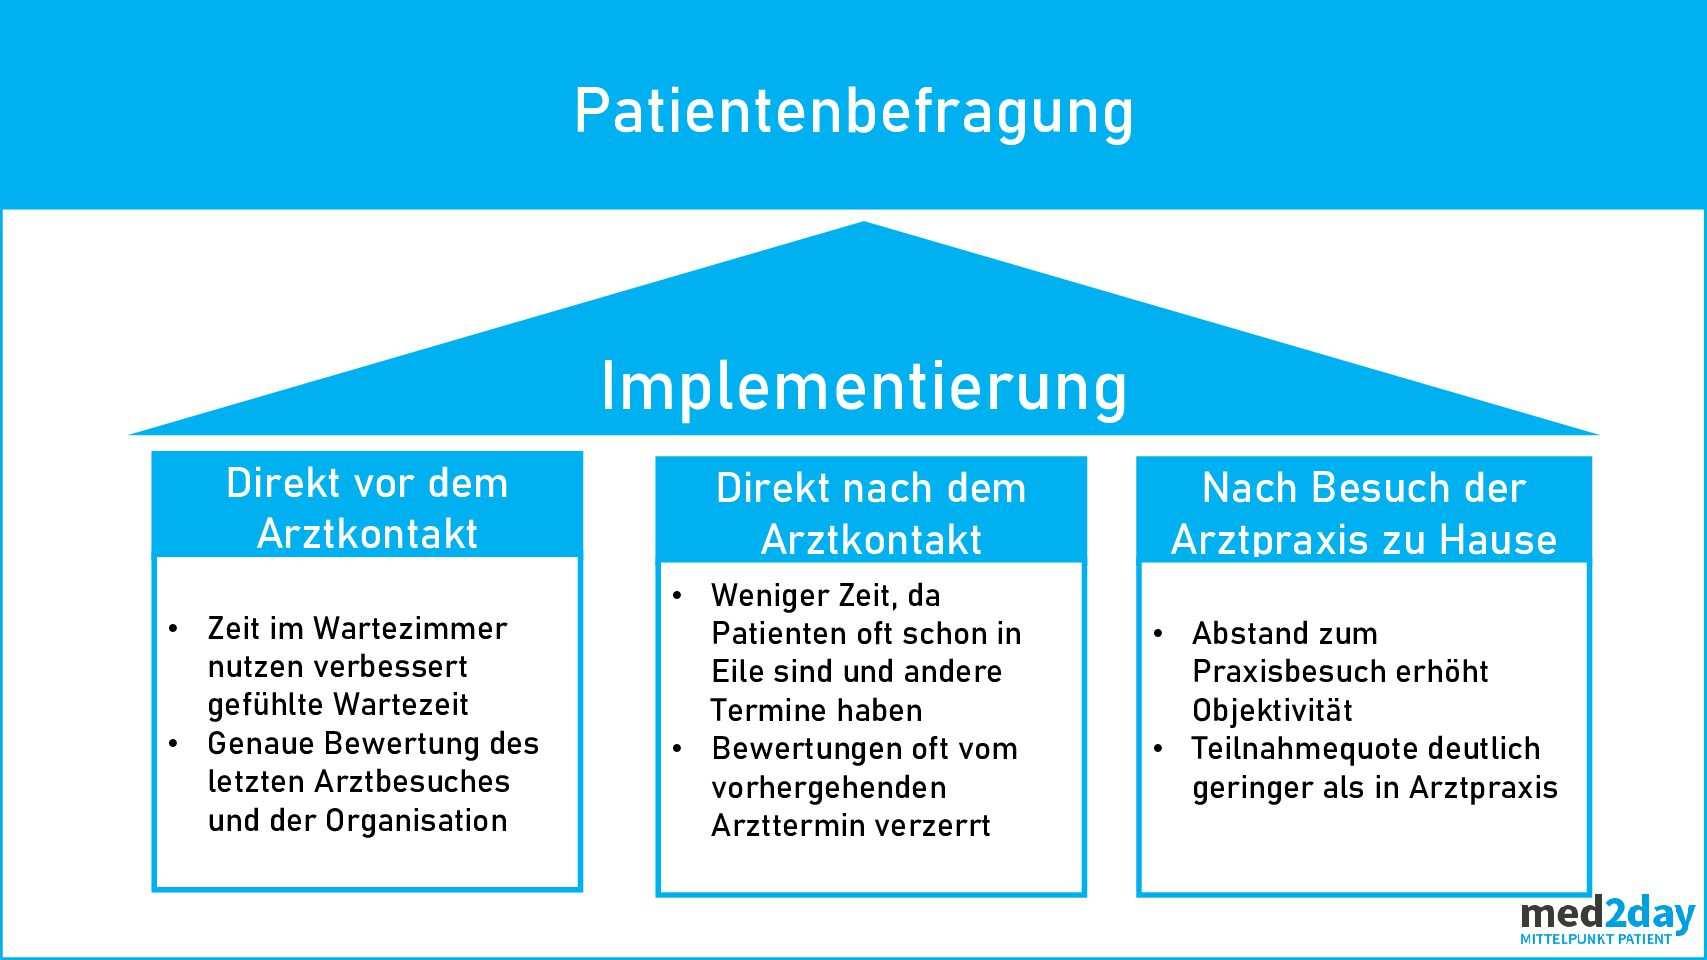 Muster Vorlagen Patientenbefragung Pflicht Zum Qualitatsmanagement Oder Wichtige Grundlage Fur Praxiserfolg